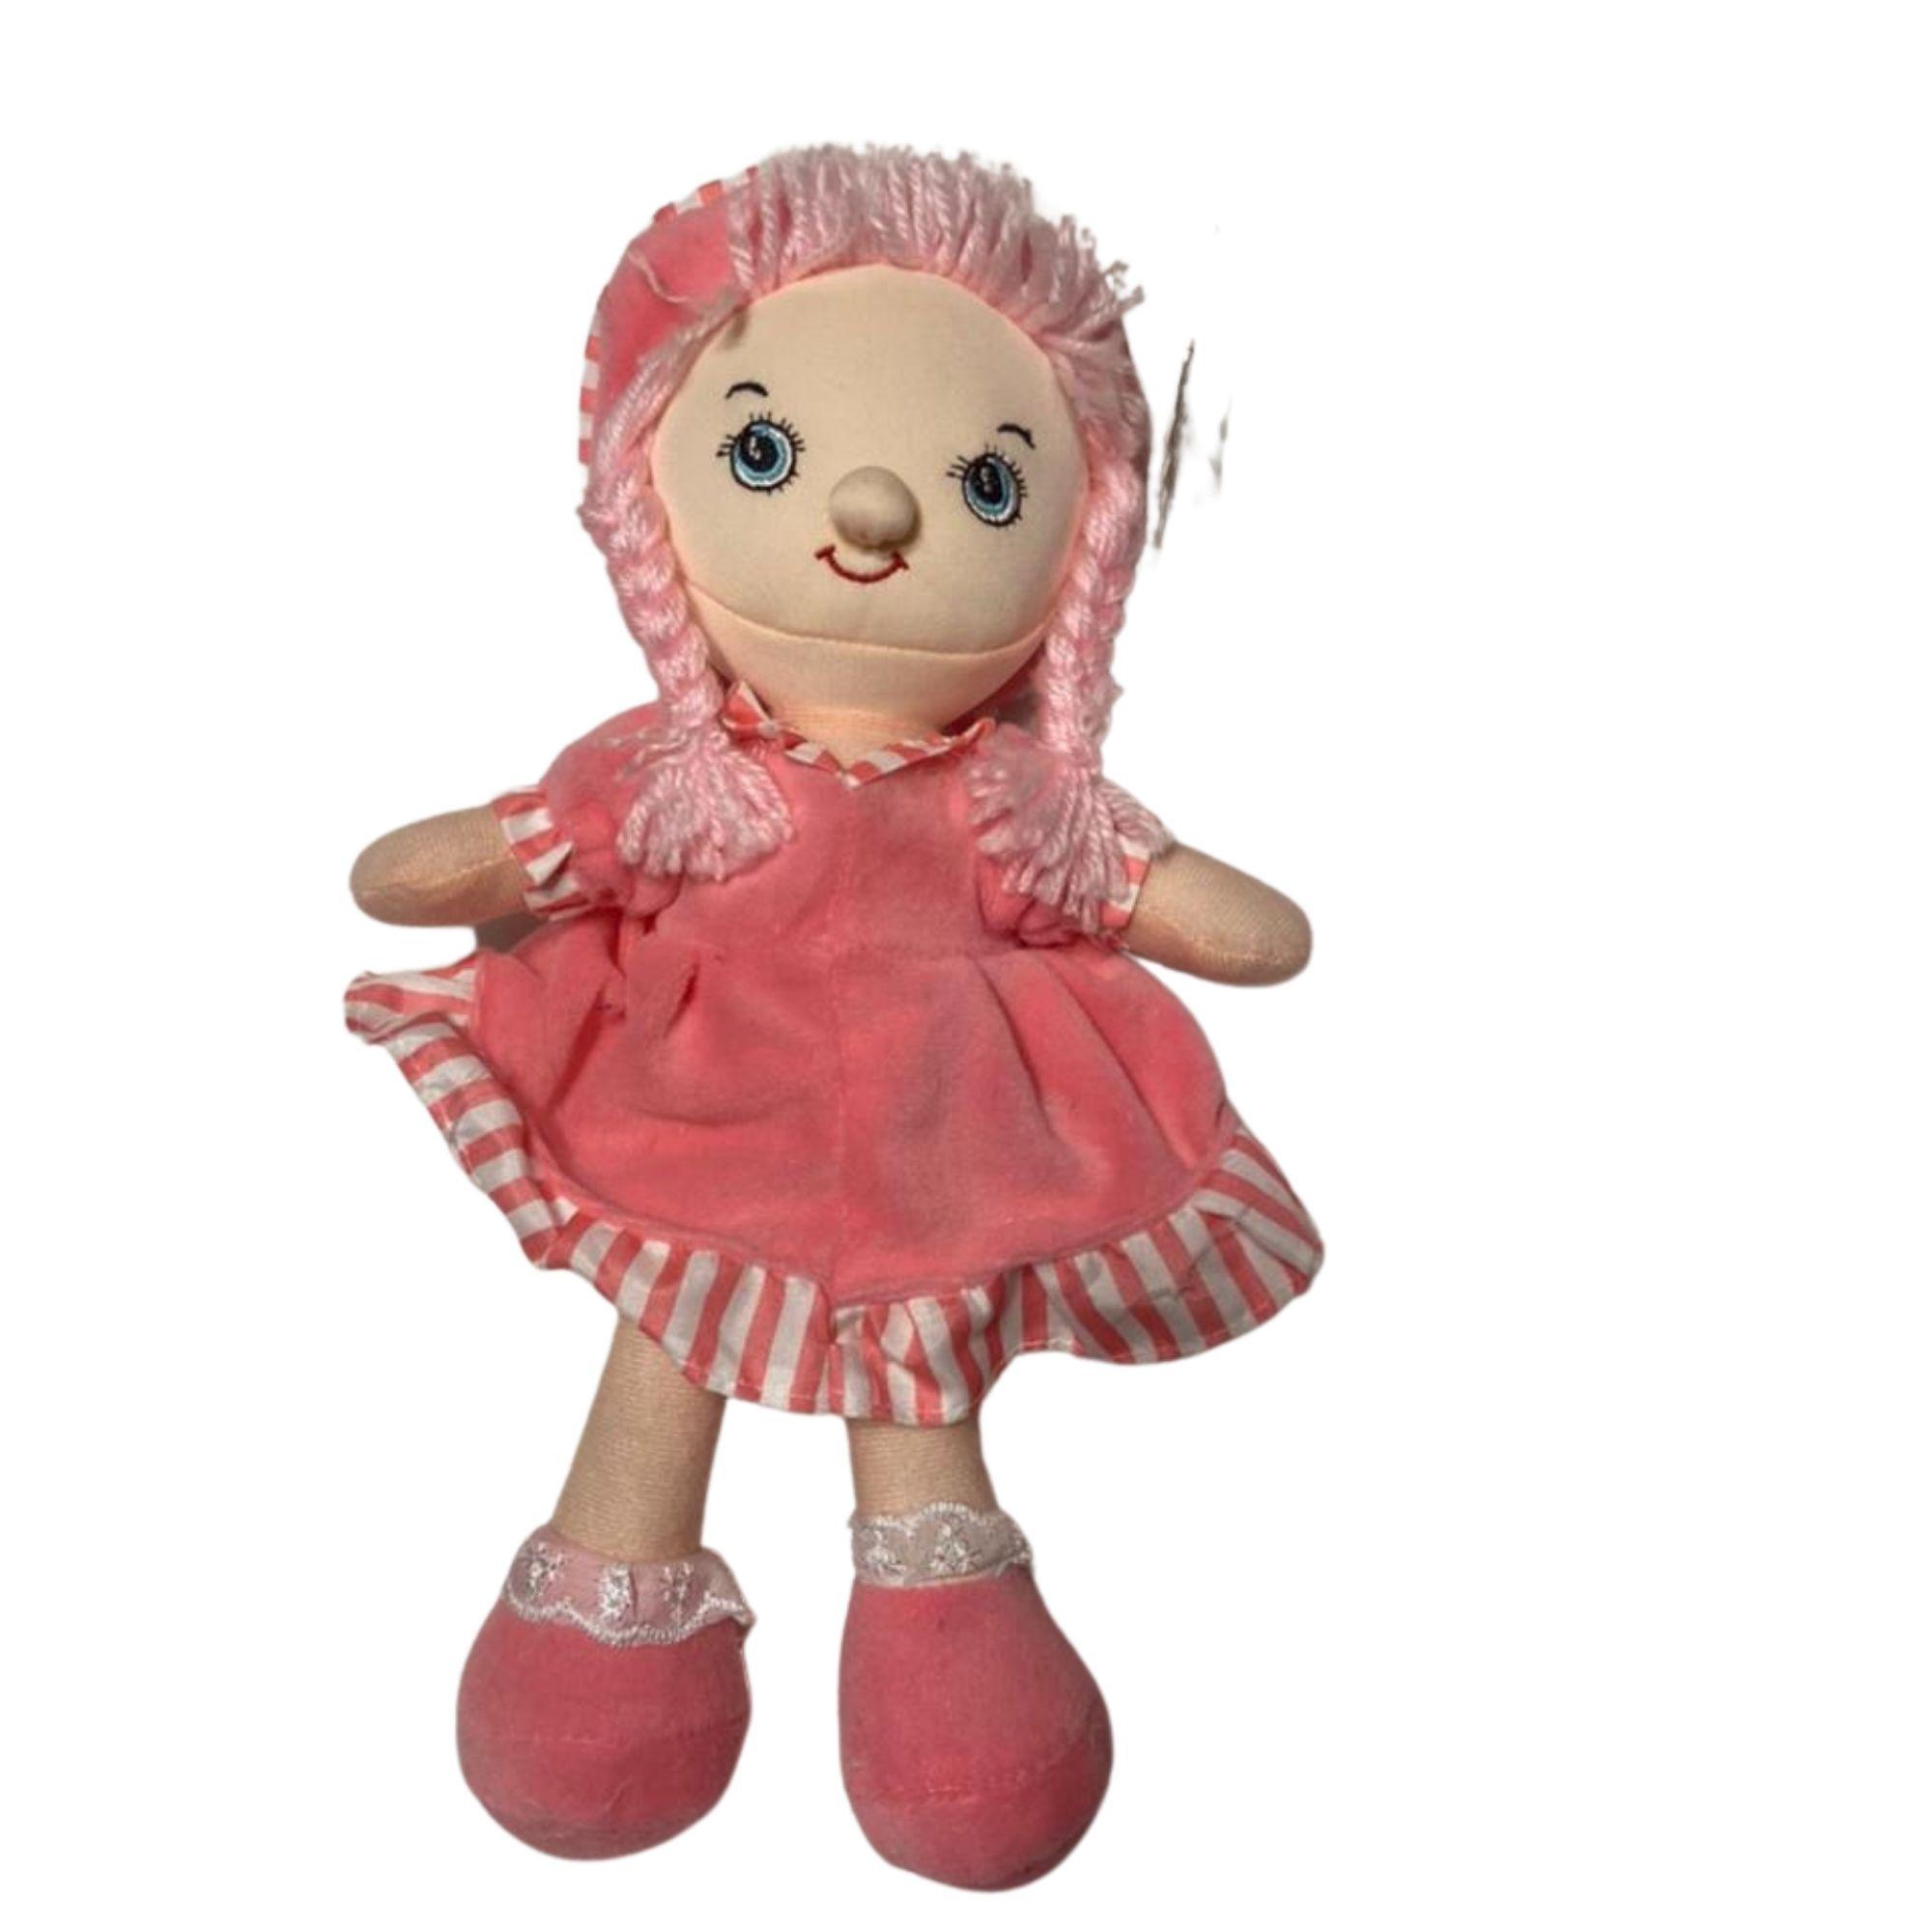 Boneca de Pano Vestido Rosa e Cabelo de Lã 30 cm  - Game Land Brinquedos